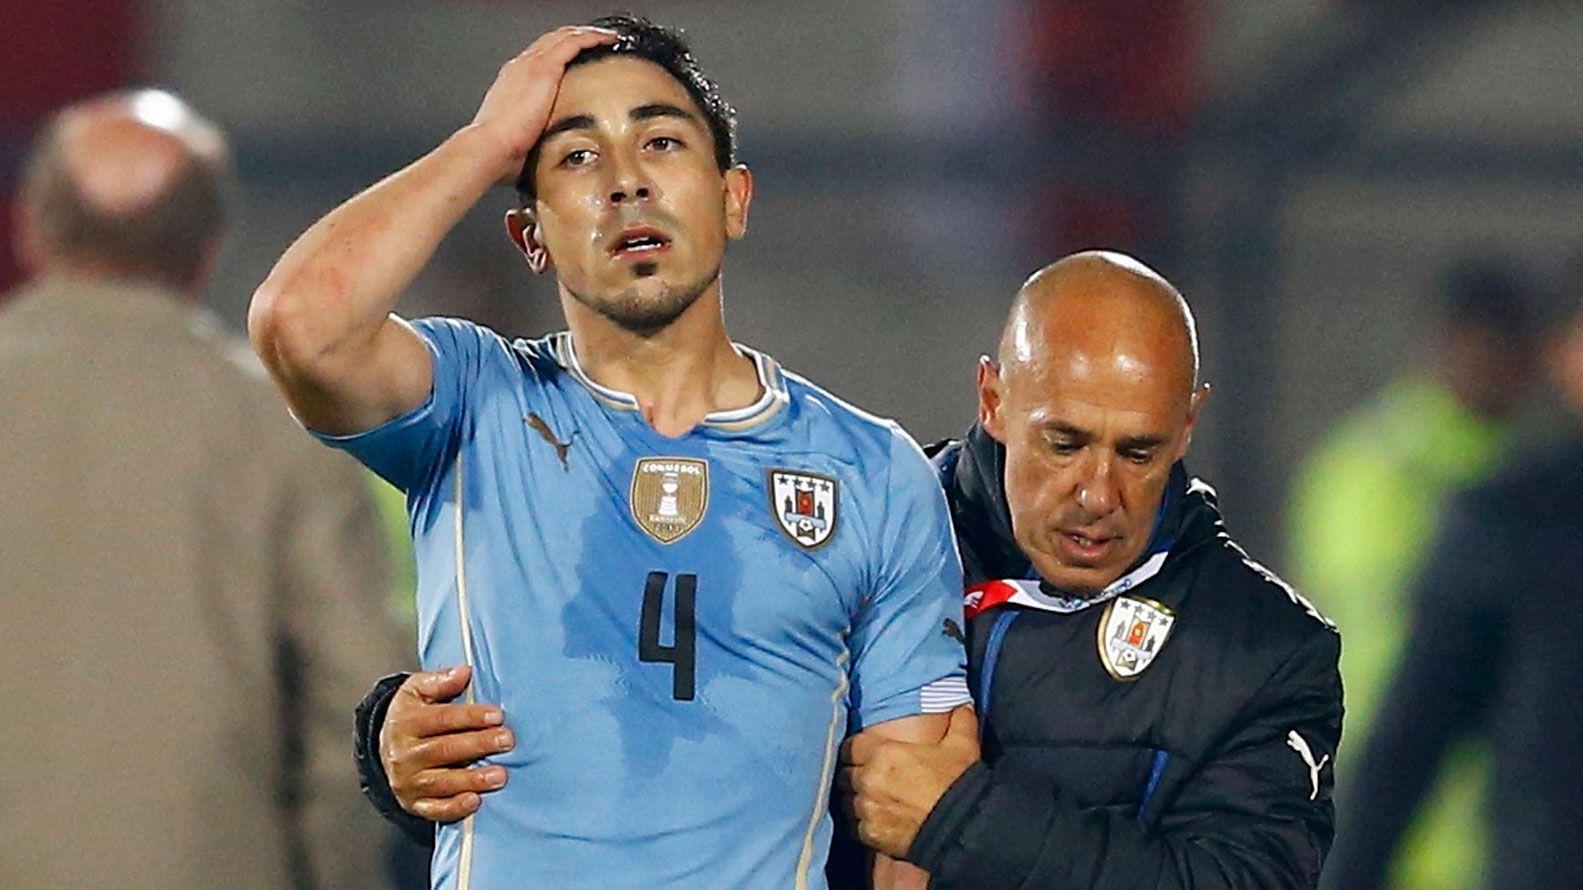 Fucile es uno de los nombres emblemáticos de la selección uruguaya (Foto: Reuters)